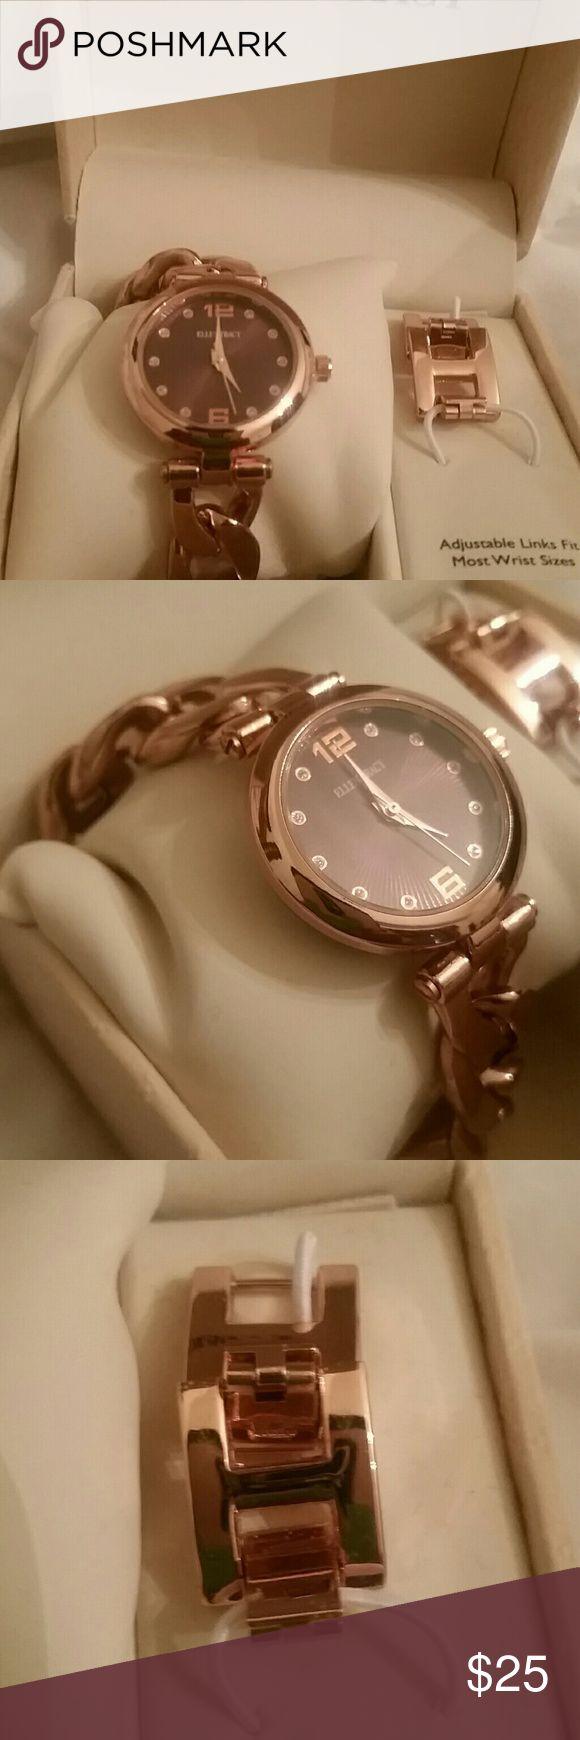 Rose gold watch Ellen Tracey rose gold watch Ellen Tracy Accessories Watches